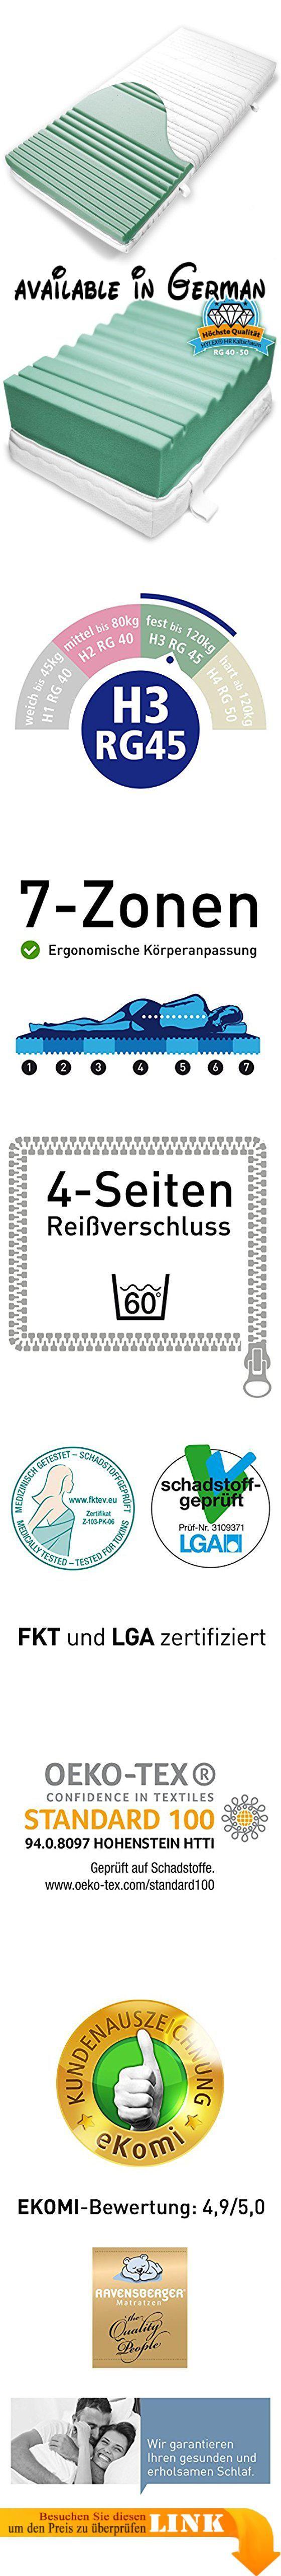 B006OA6LFI : Ravensberger ORTHOPÄDISCHE 7-Zonen HR Kaltschaummatratze H3 RG 45 (80-120 kg) Medicott-SG 90x220 cm. 7-Zonen HYLEX HR Kaltschaum Matratze - Härtegrad: 3 - RG: 45 (80-120kg) - Höhe: 19 cm - Medicott-Silverguard-Bezug - 90 x 220 cm. Hohe Körperanpassung und Schlafruhe - Höchste Tragfähigkeit und perfekte Klimaeigenschaften. Zertifiziert nach ÖKO TEX Klasse 1 (für Babys geeignet) - LGA schadstoffgeprüft - FKT Textil. Hersteller-Garantie: 10 Jahre - 9.000